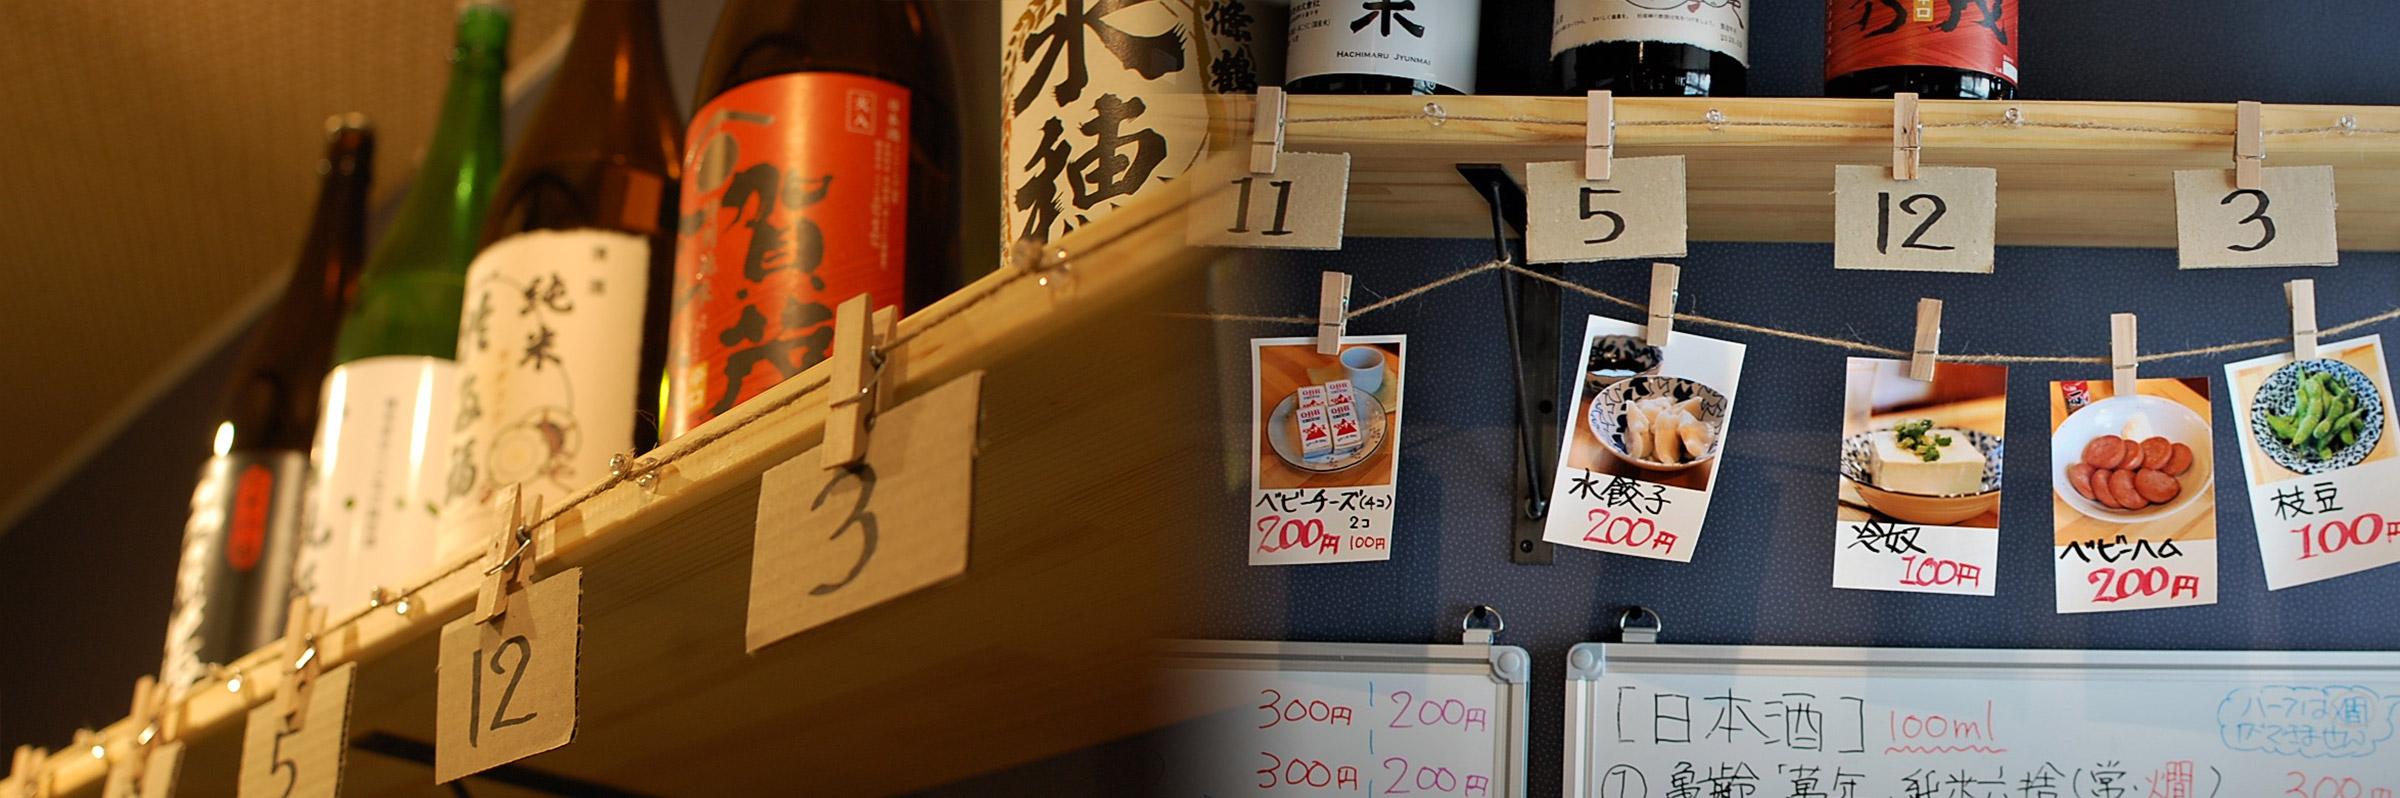 東広島市の純米酒を中心にリーズナブルな価格で気軽に愉しんでいただけます